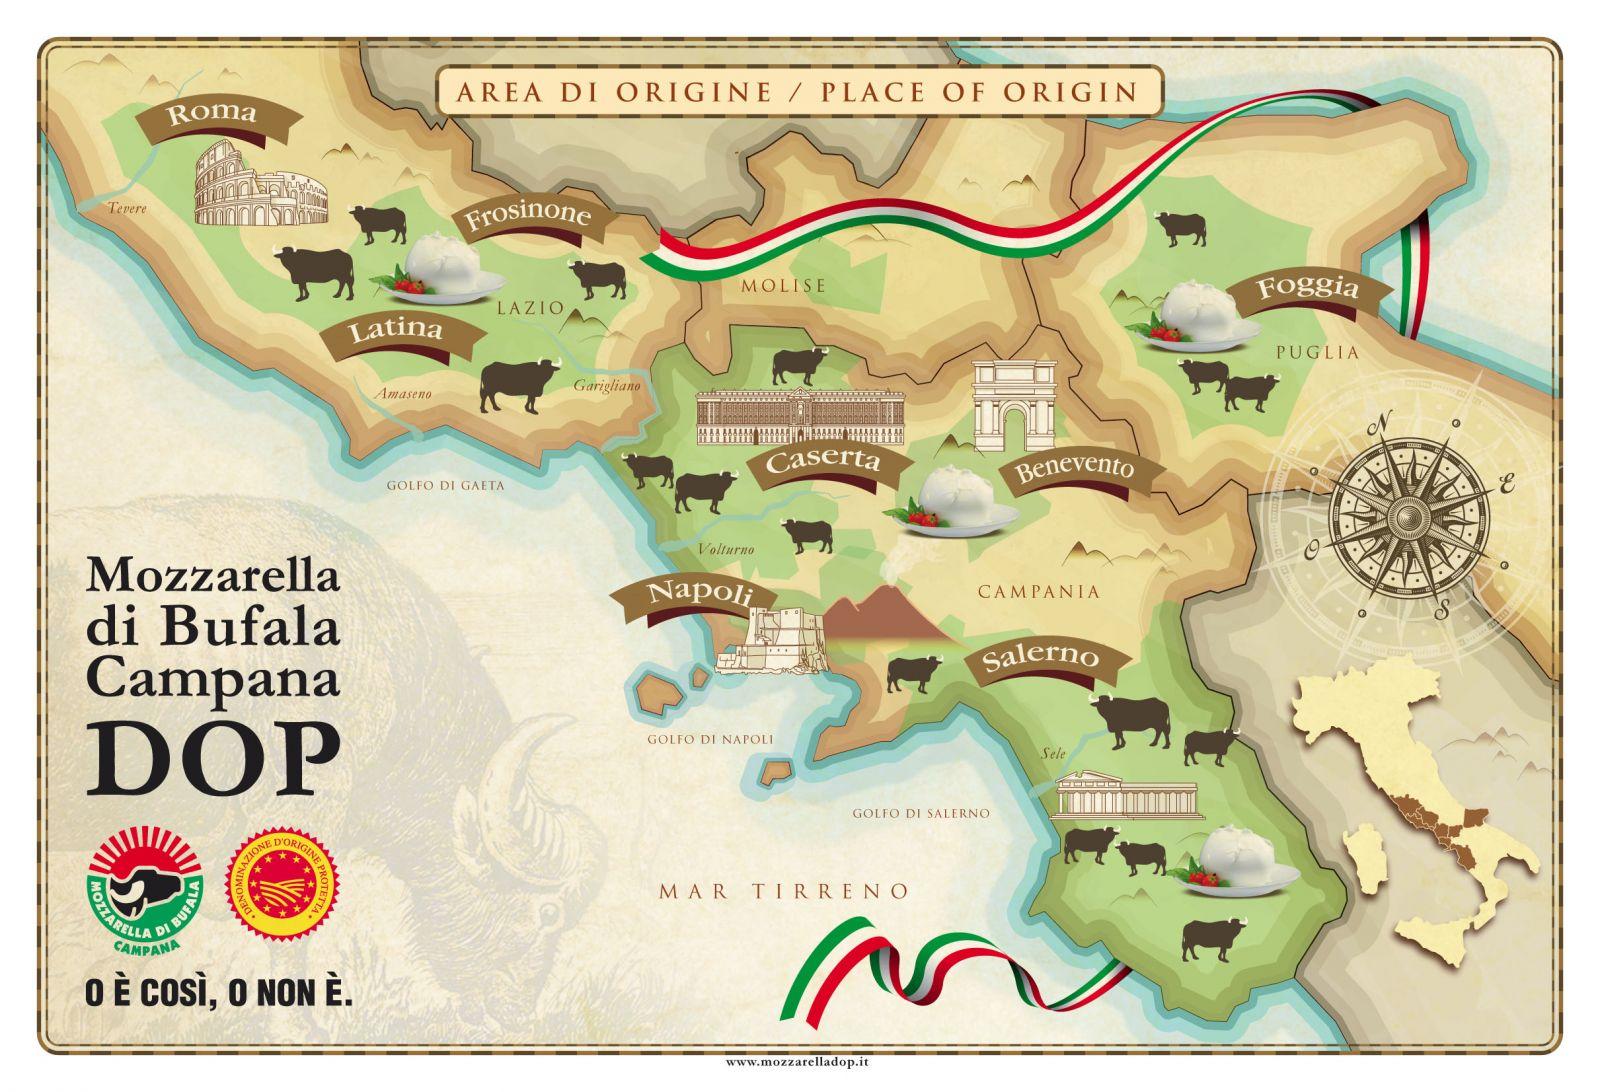 Area_DOP_Mozzarella_Campana